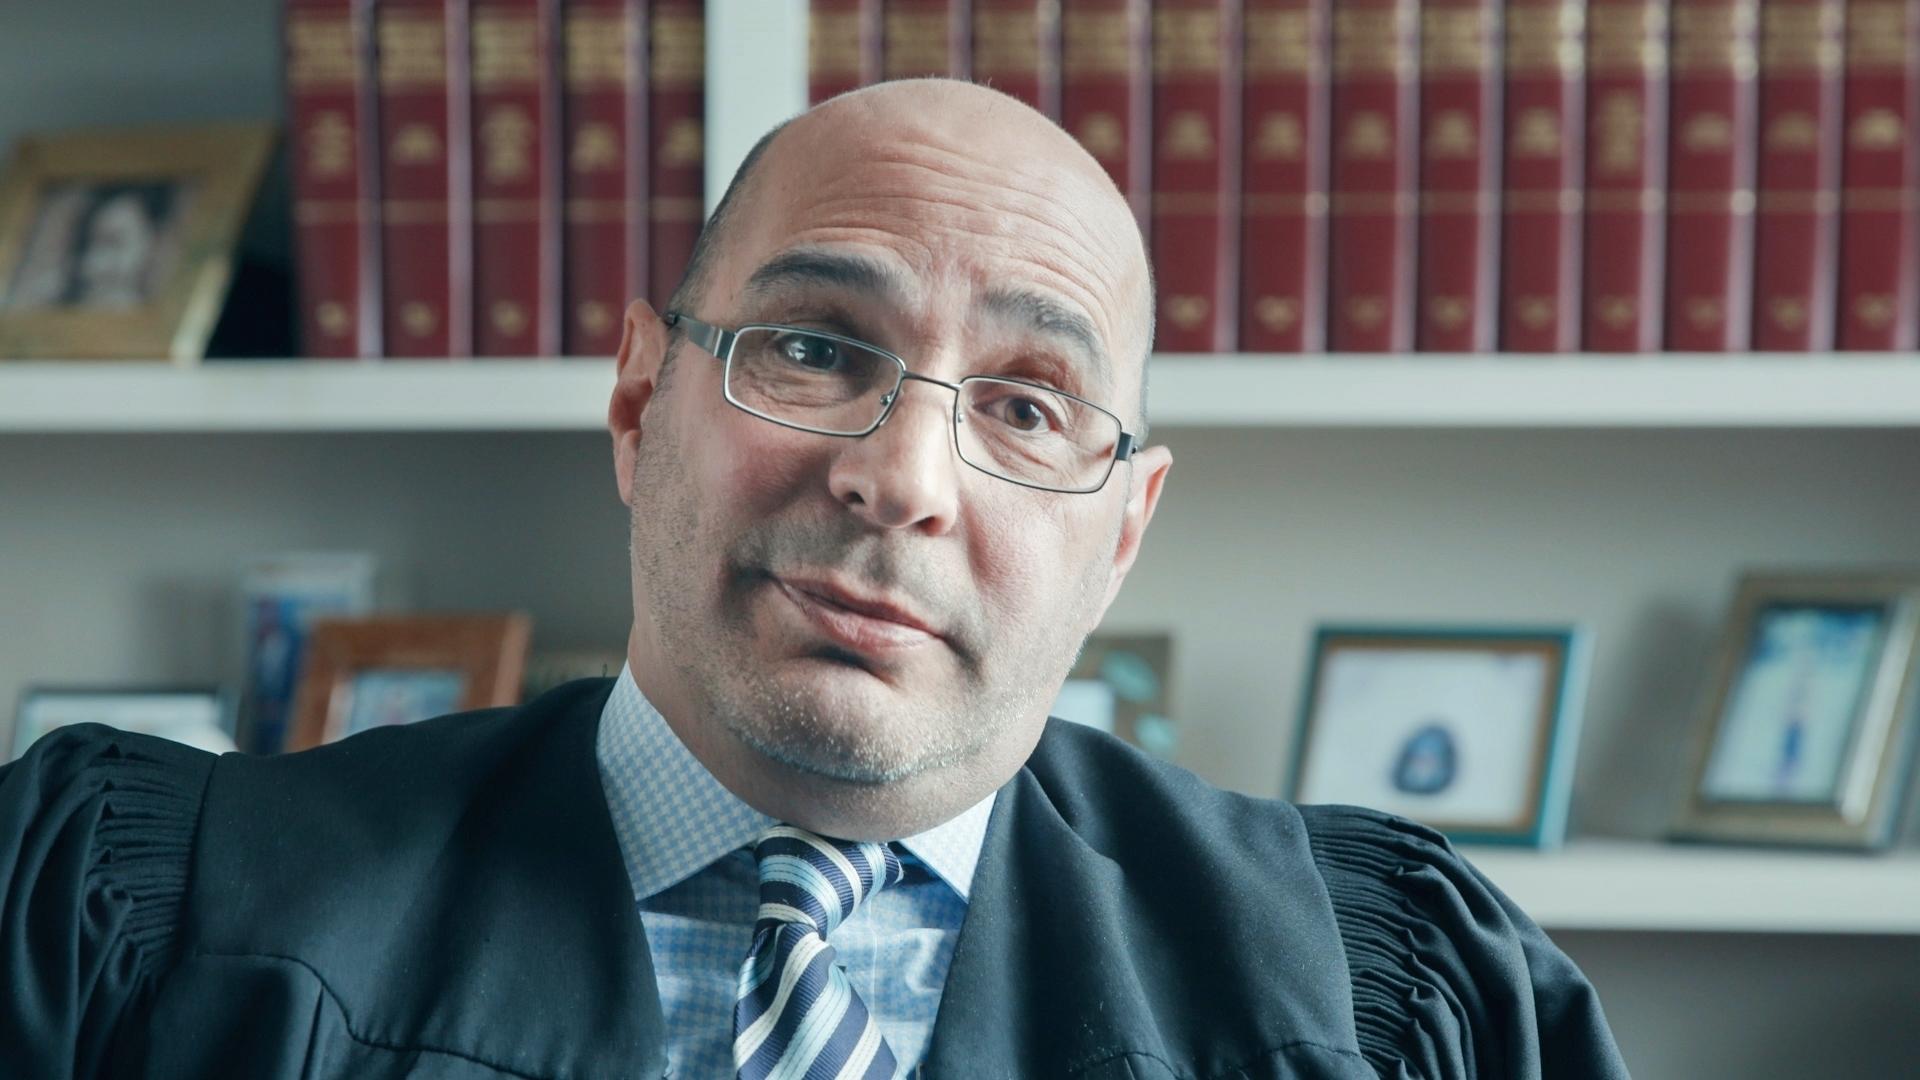 Judge Scott DiClaudio